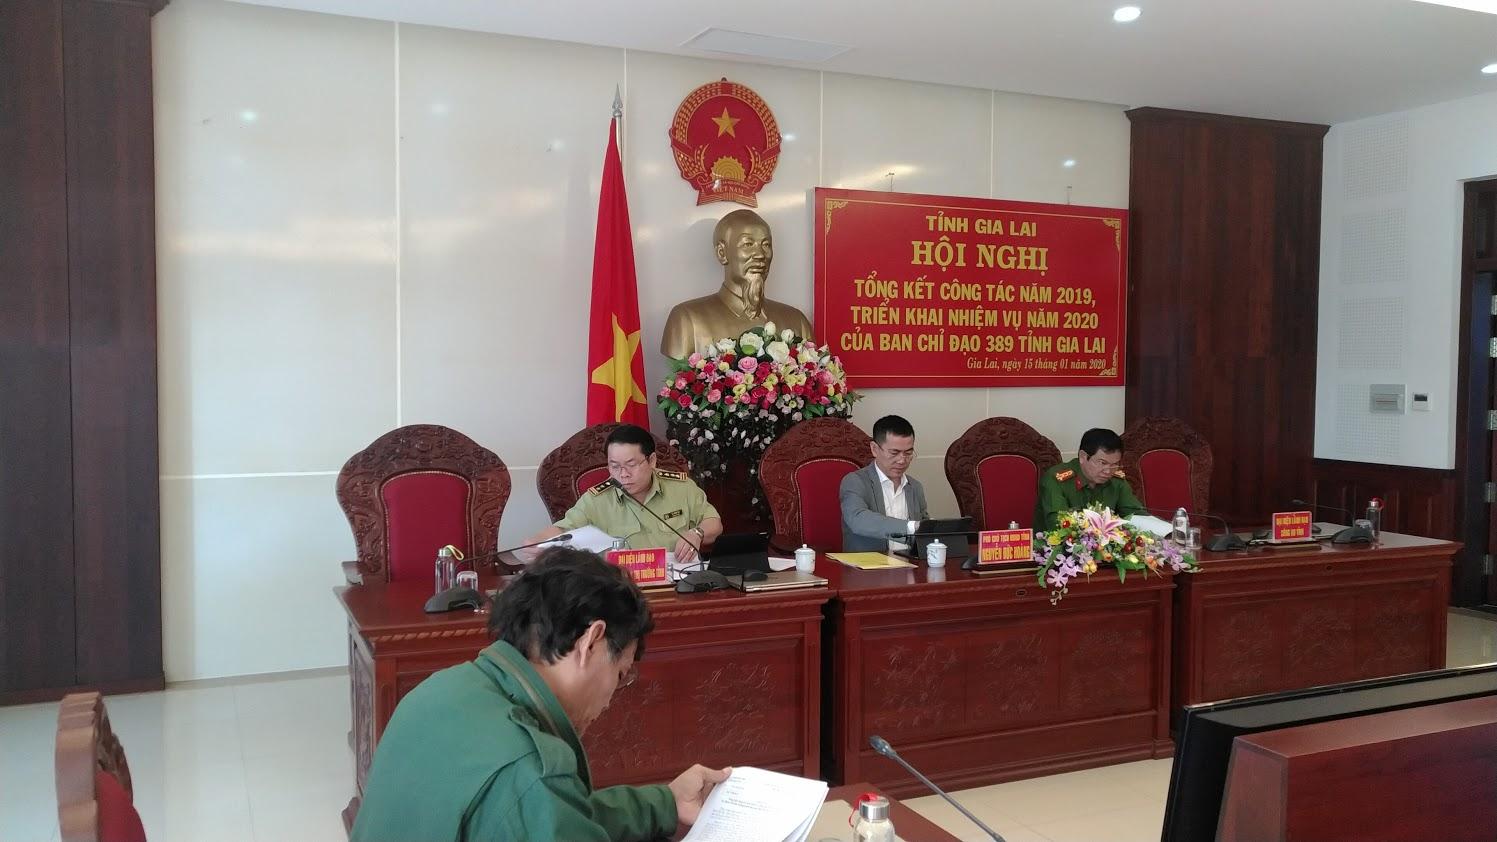 Ban Chỉ đạo 389 tỉnh Gia Lai tổng kết công tác năm 2019